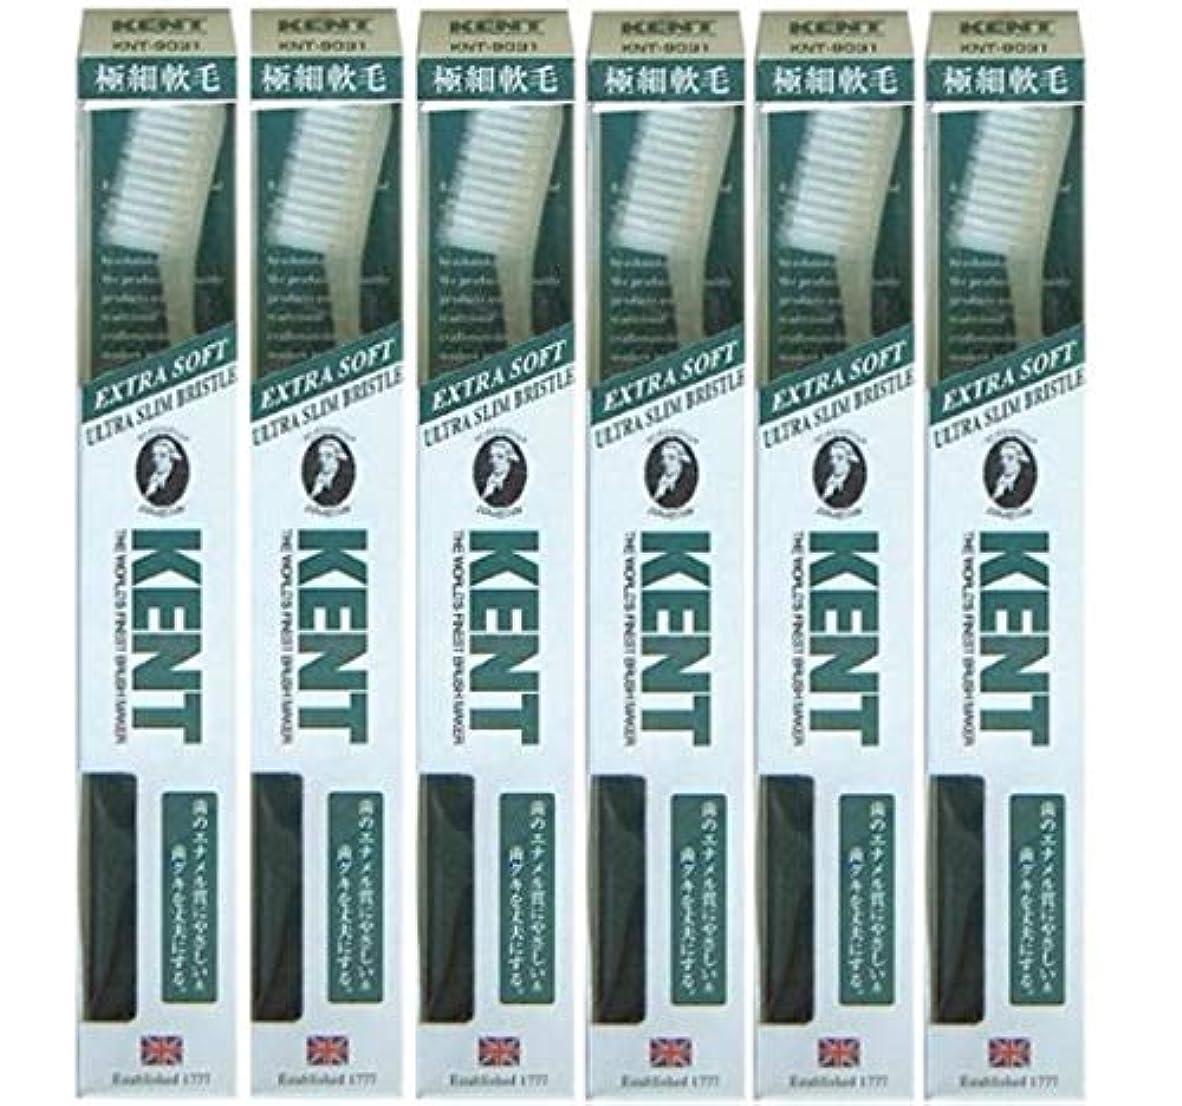 バルクワイドトンネル【6本セット】KENT 極細軟毛歯ブラシ KNT-9031 オーバルラージヘッド 超やわらかめ